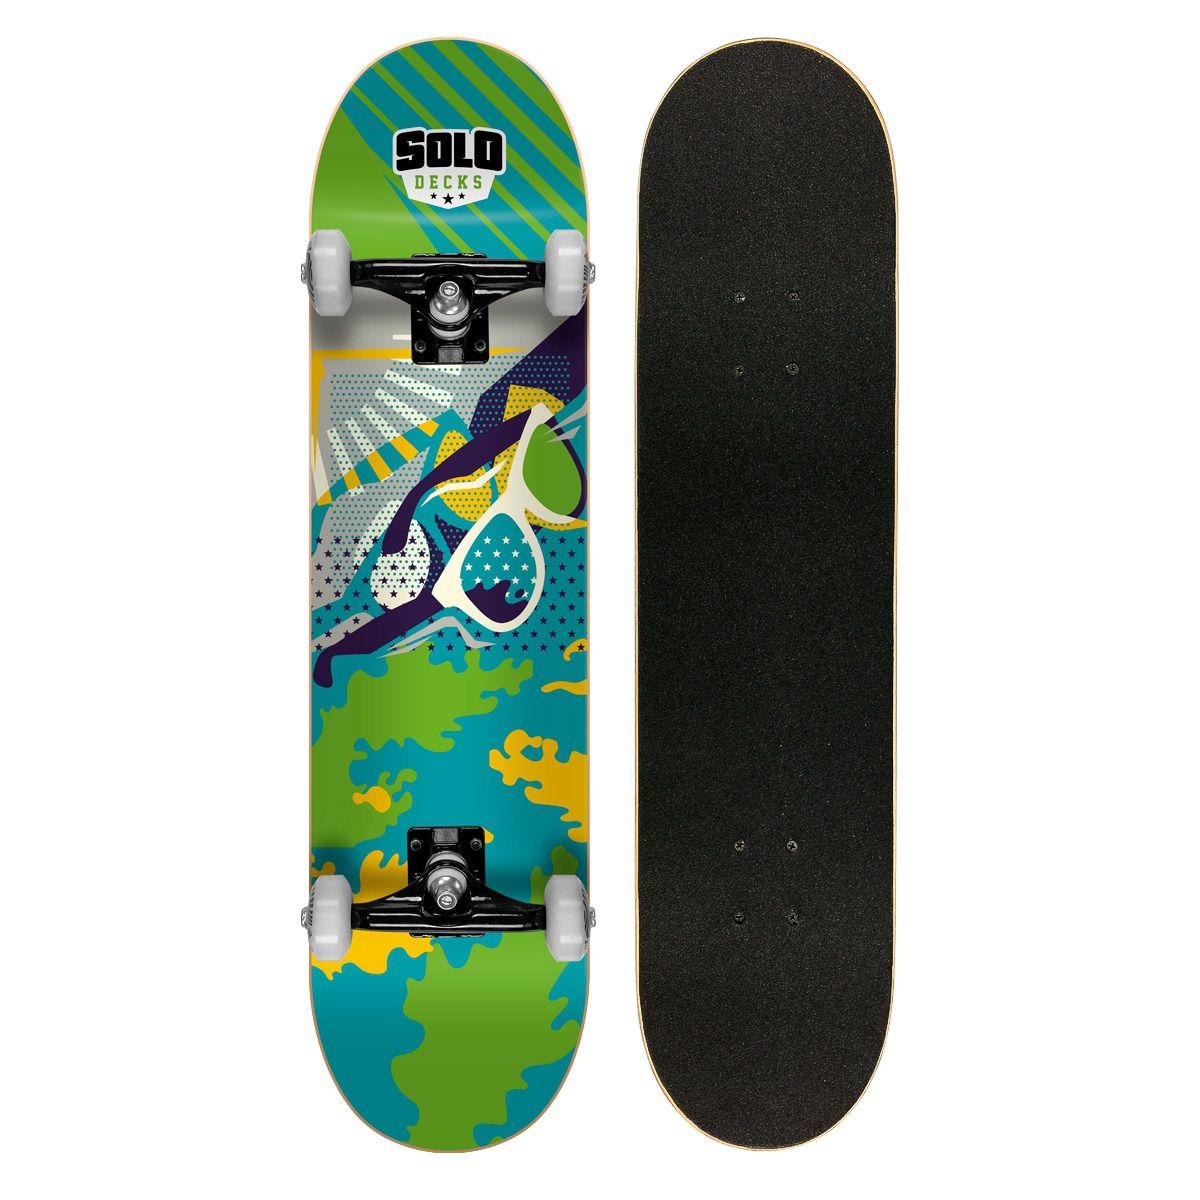 Skate Montado Profissional Solo Decks Pop Art 3 - Até 120kgs